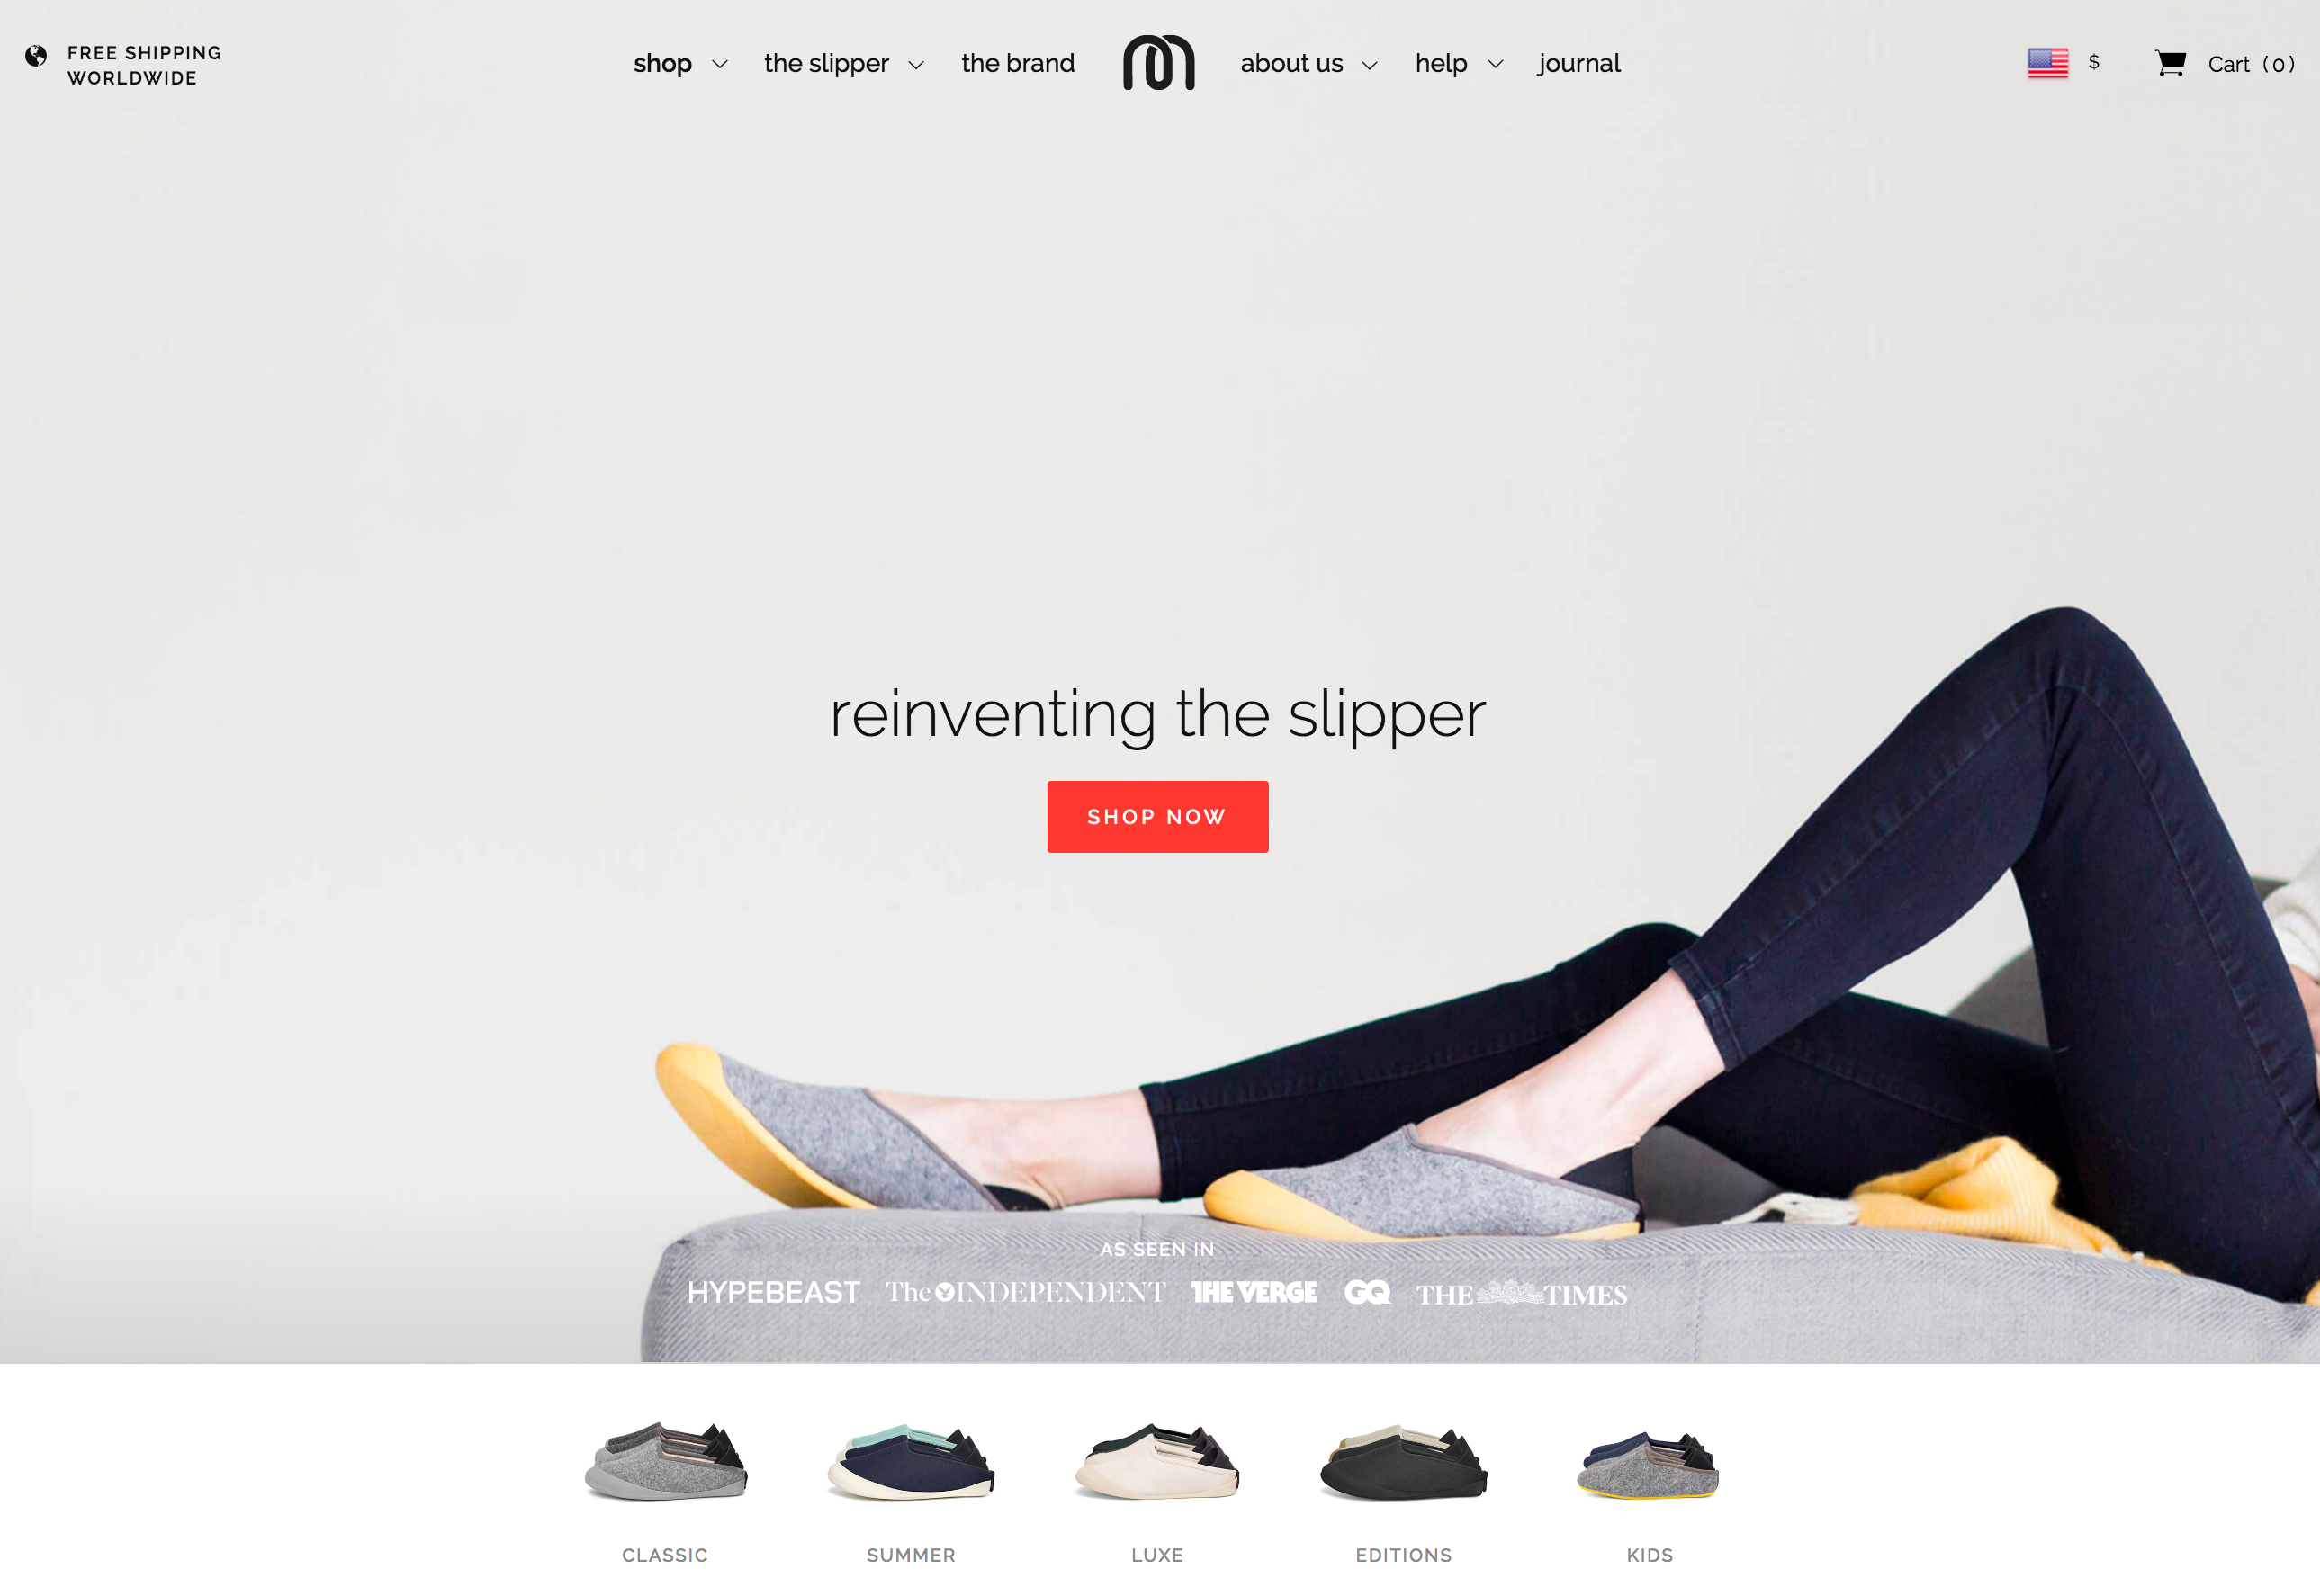 マハビス(Mahabis)の通販サイト購入方法